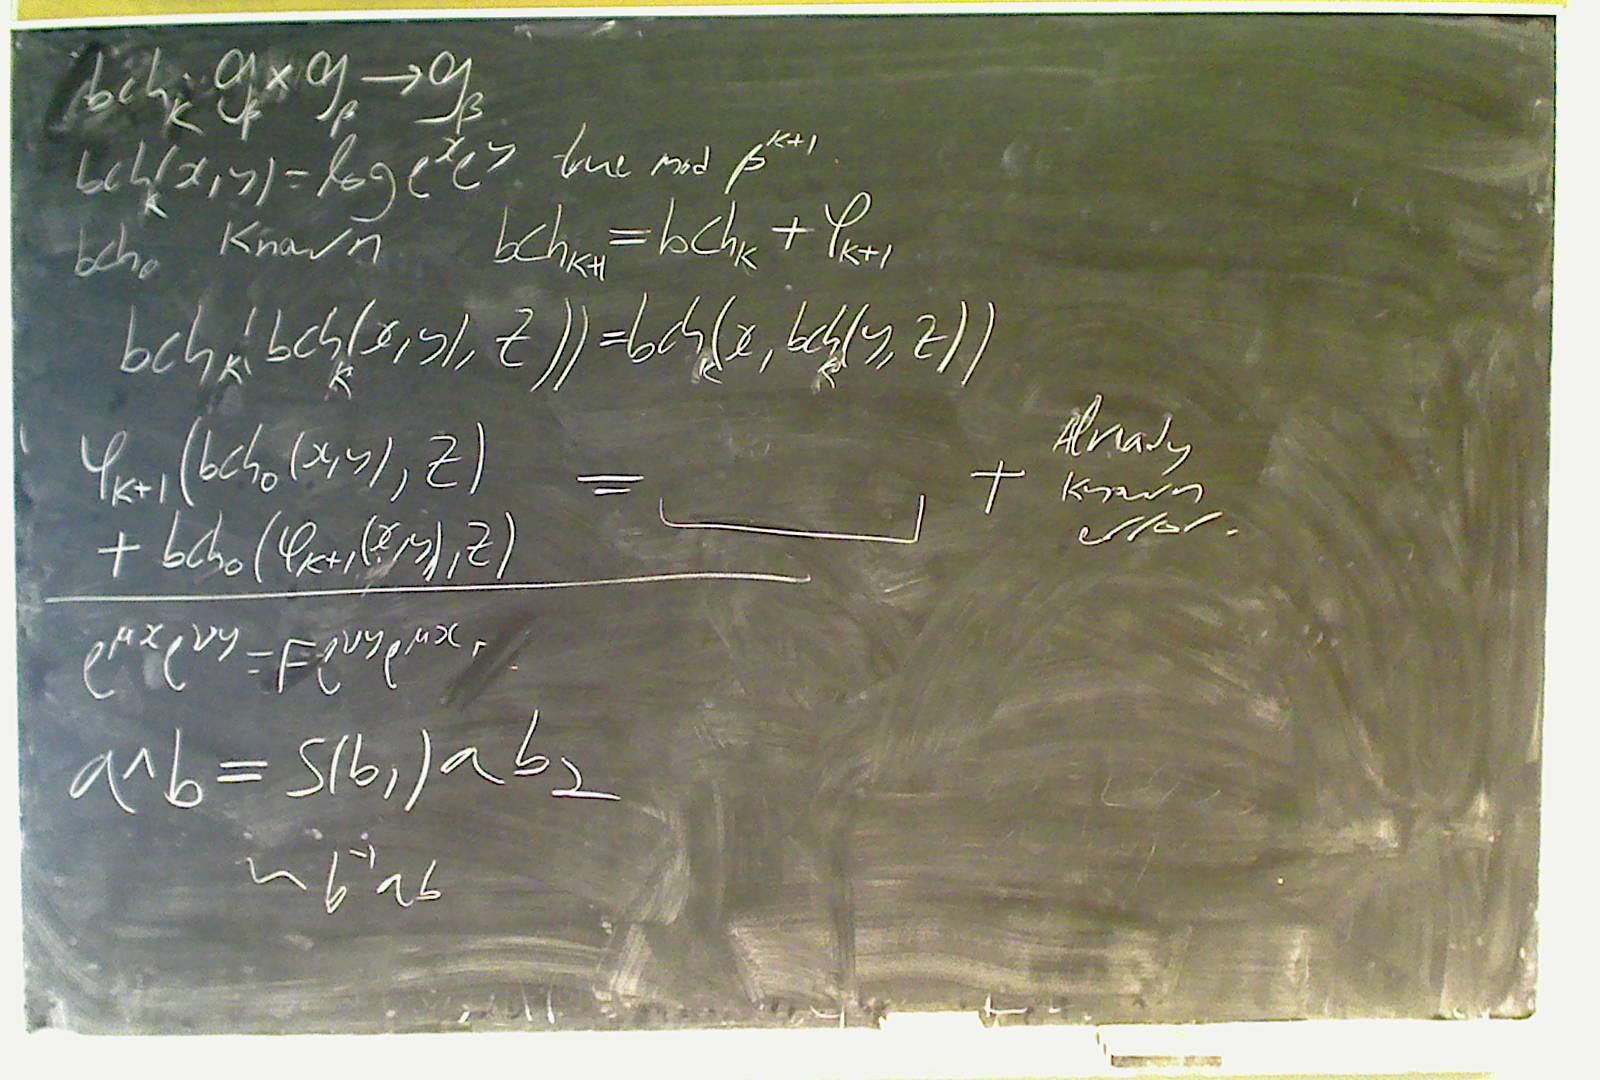 170622-104449: Deforming Weyl algebras  @VanDerVeen